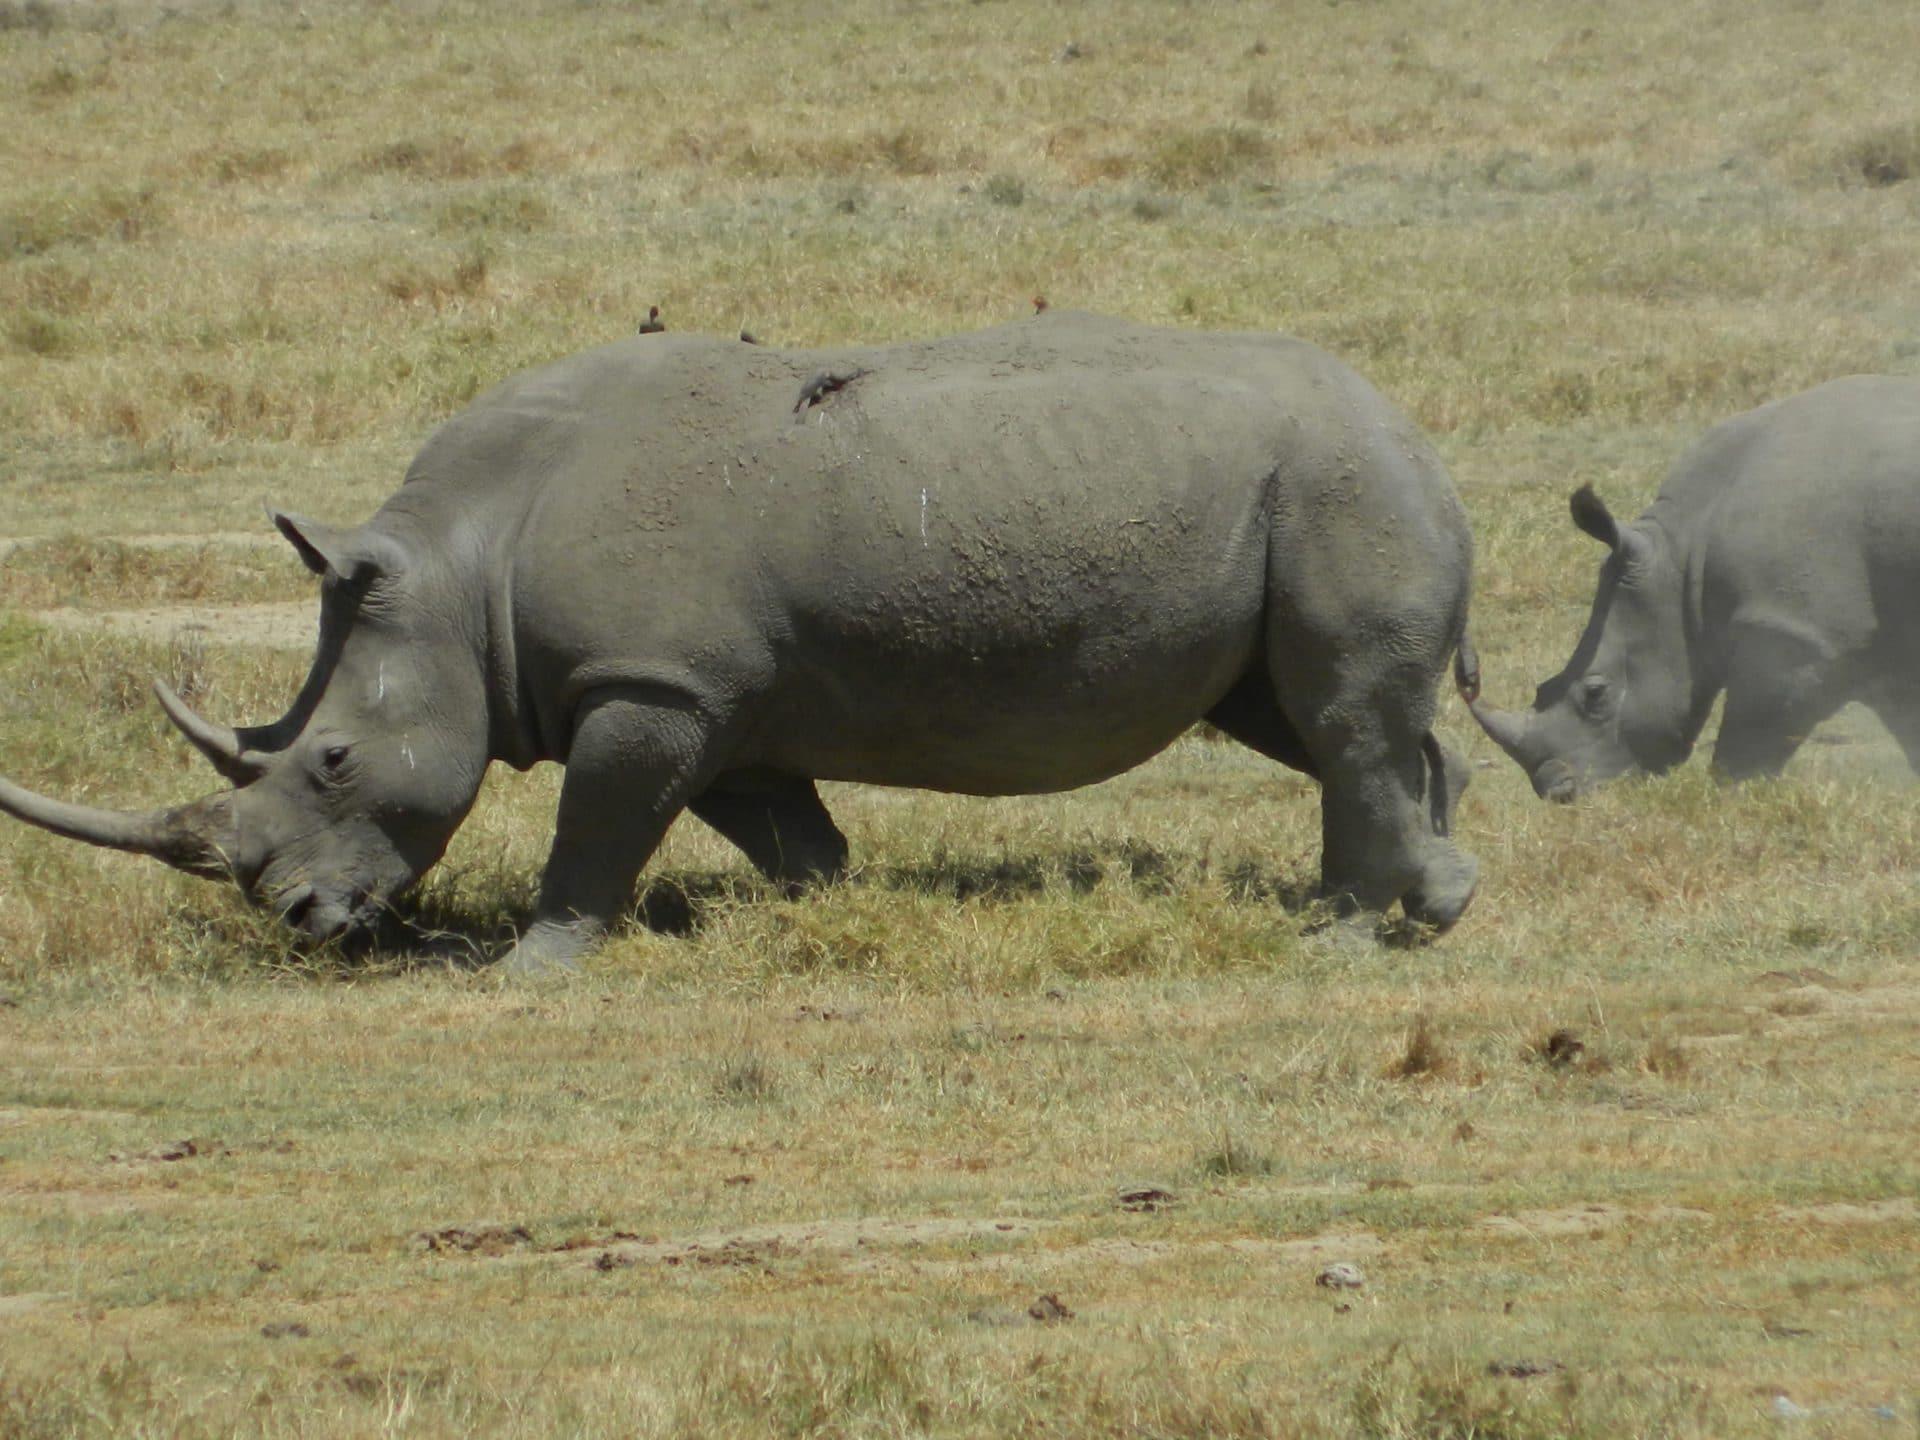 Afrique-kenya-rhino-stf-goyav